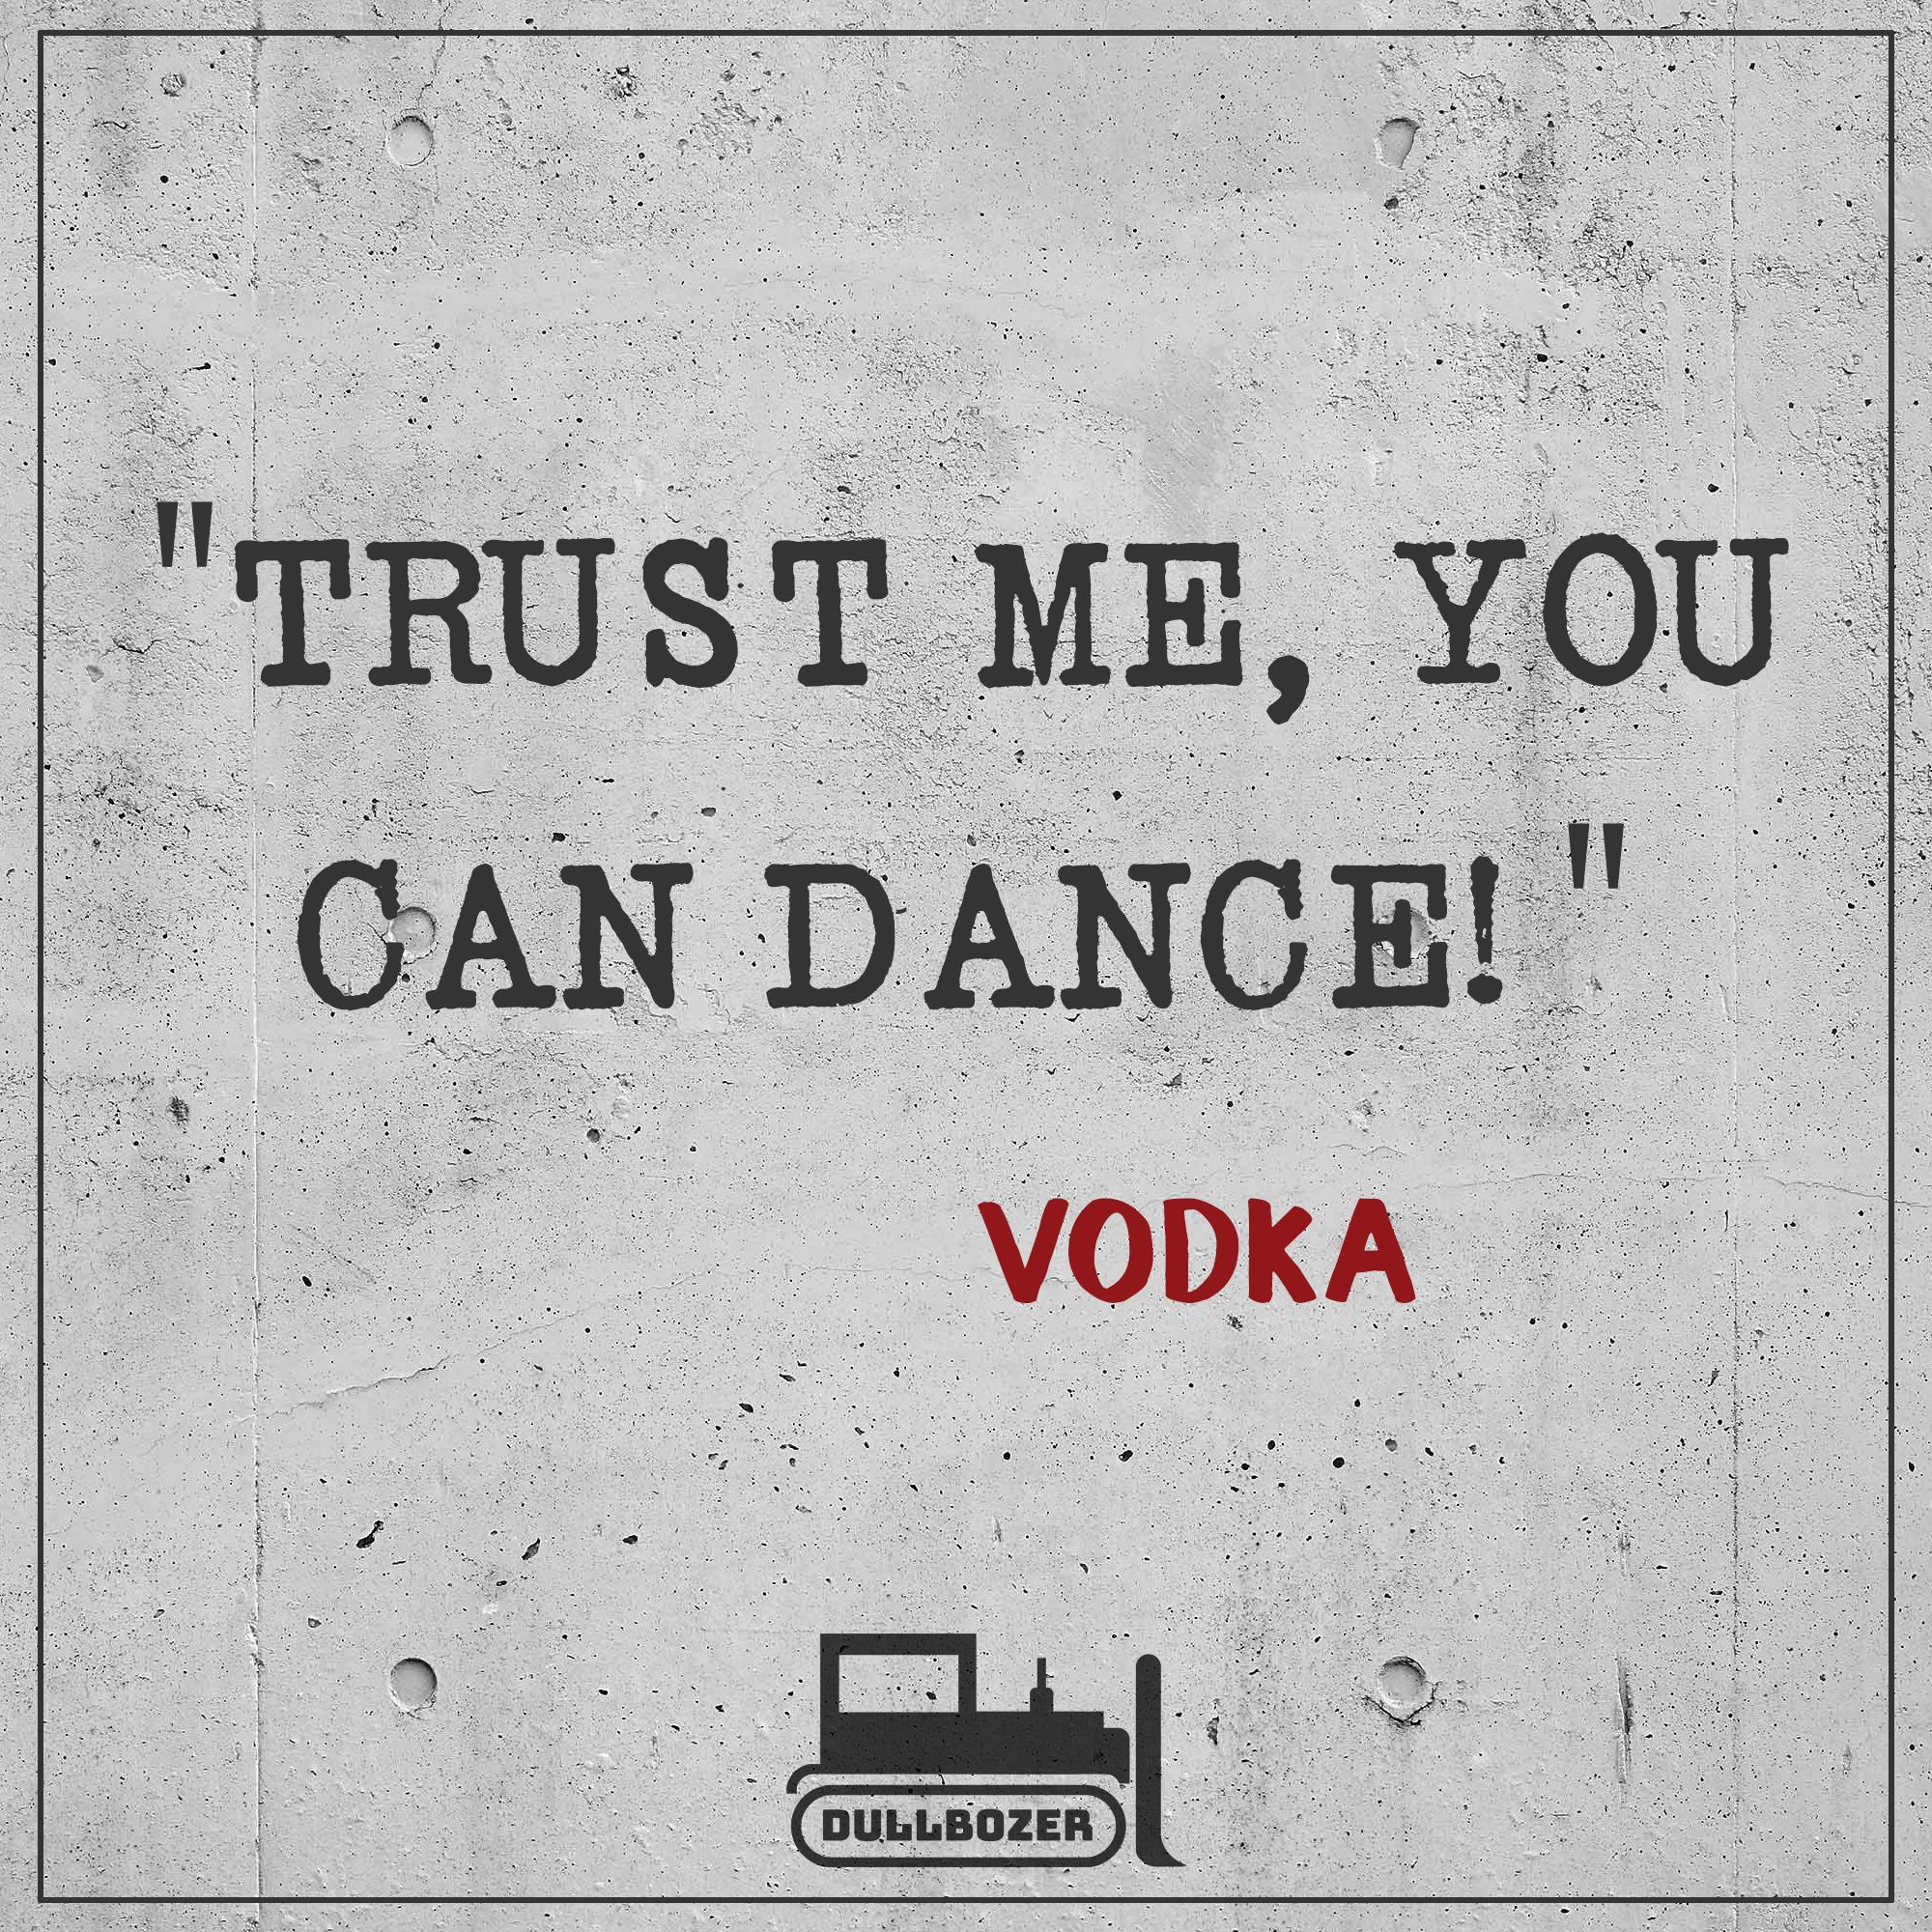 Trust me you can dance vodka flachwitz sparwitz - Tanzen spruch ...